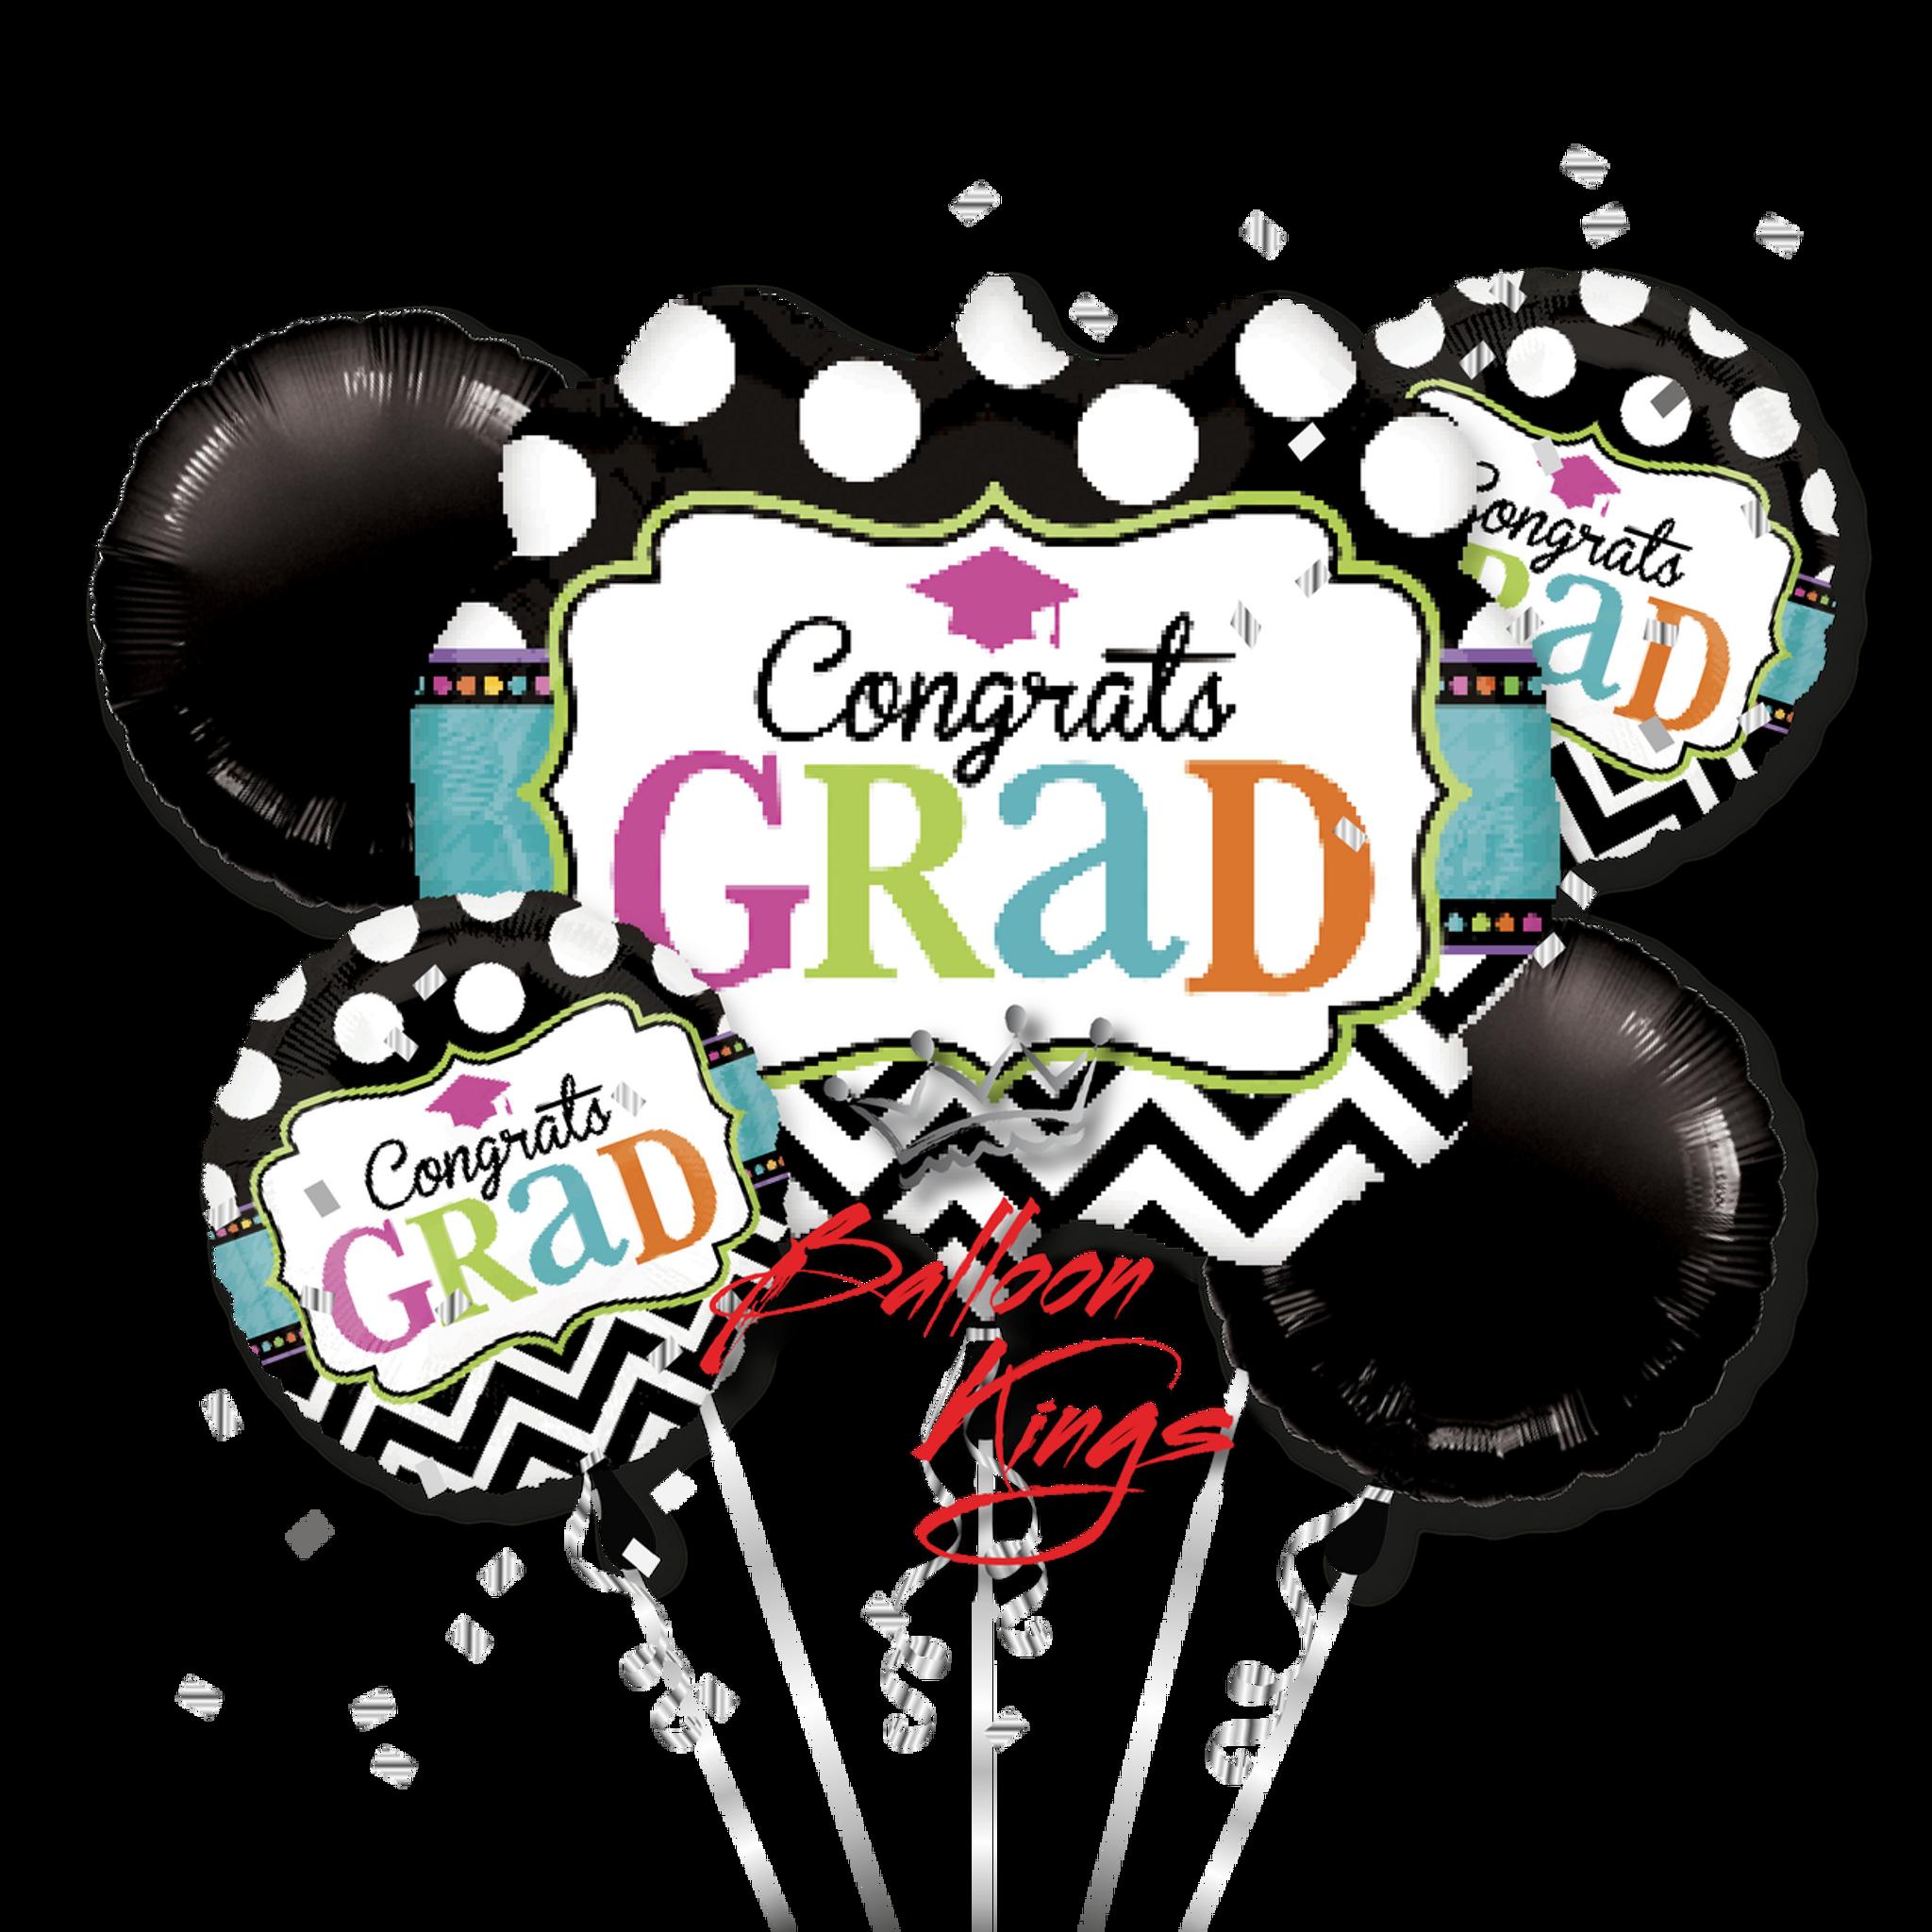 congrats grad chevron bouquet balloon kings